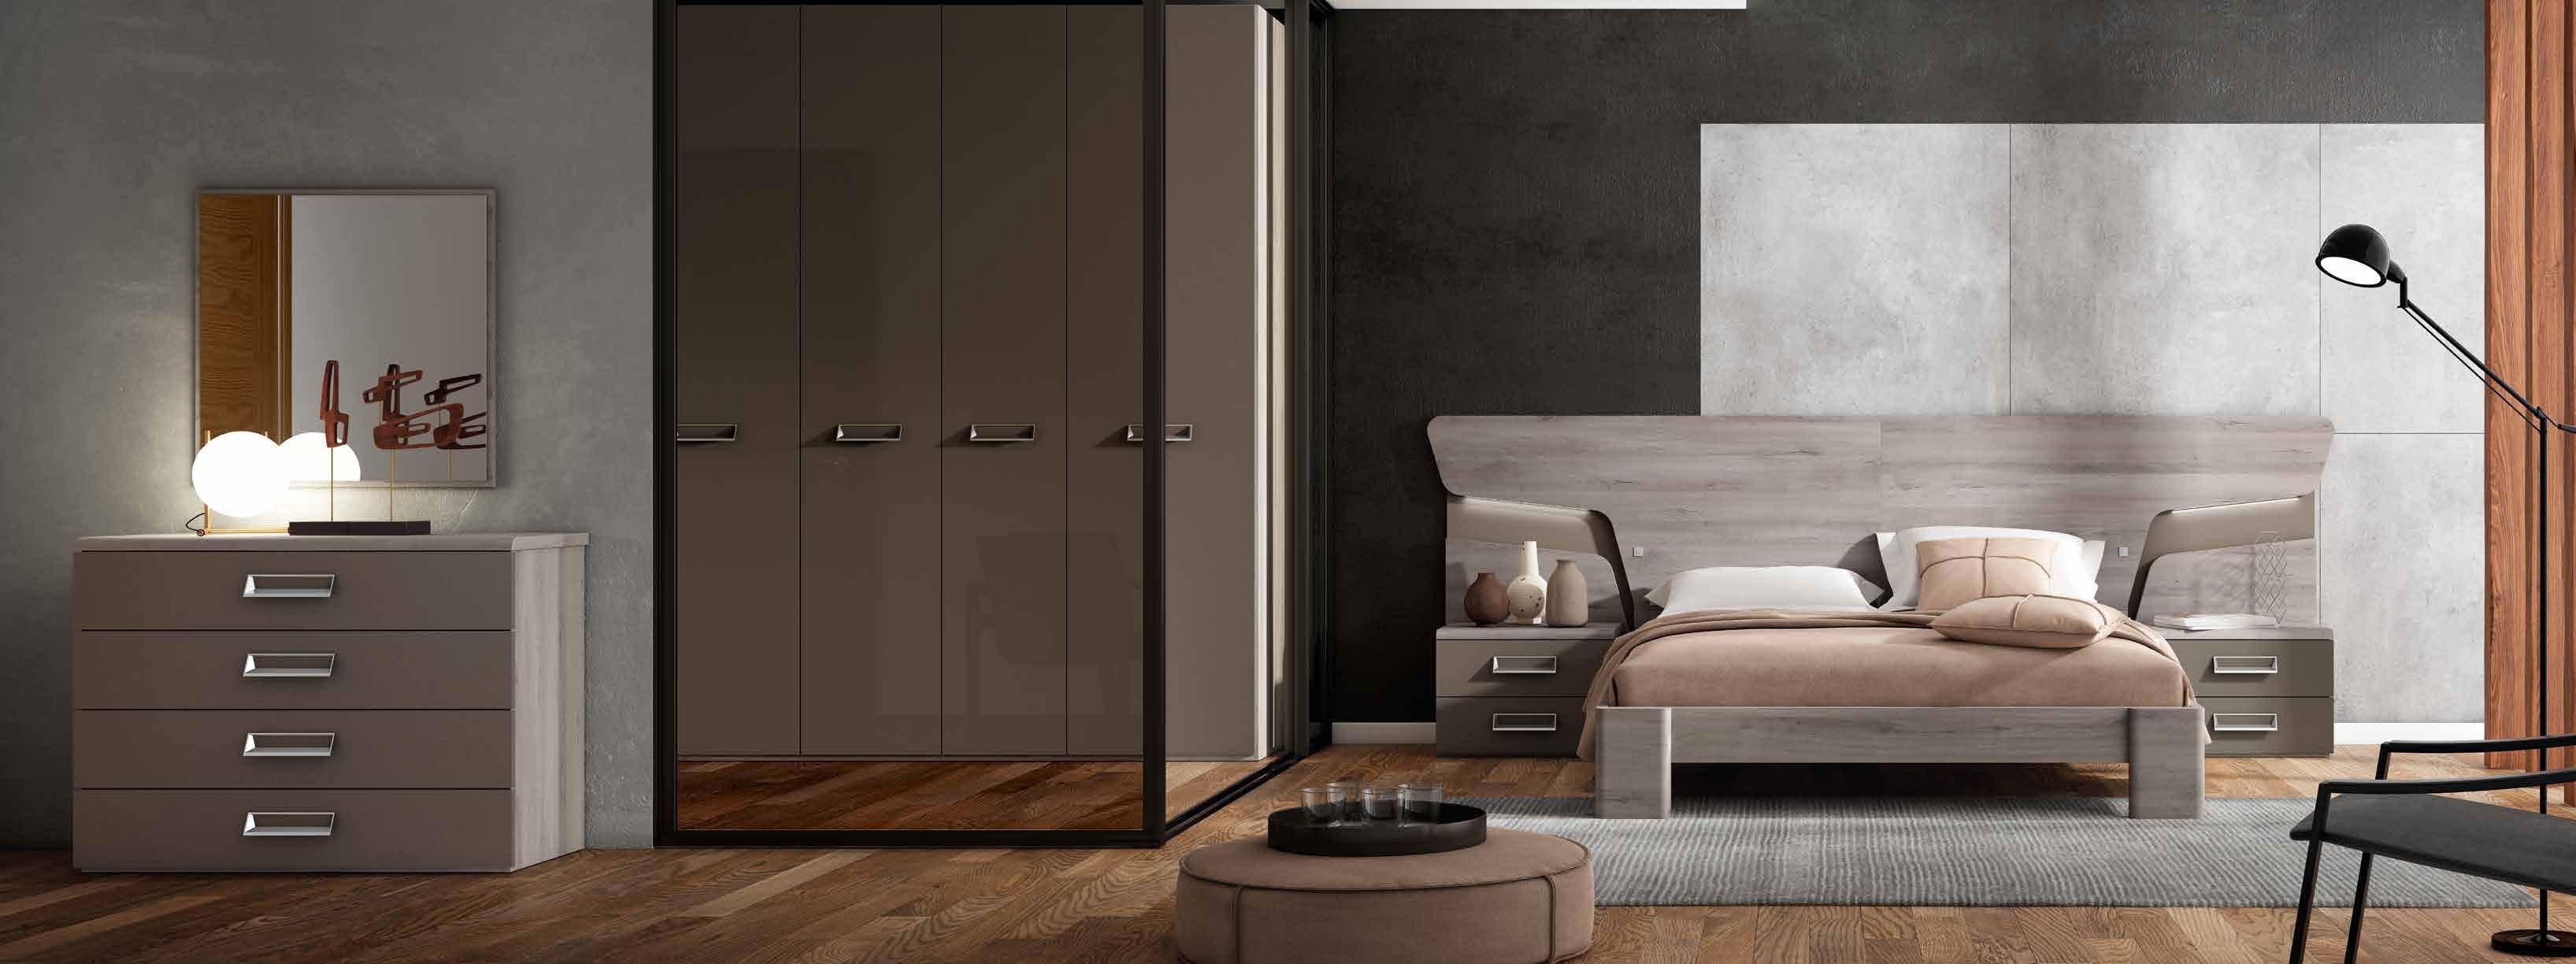 creta-dormitorio-trikala-01